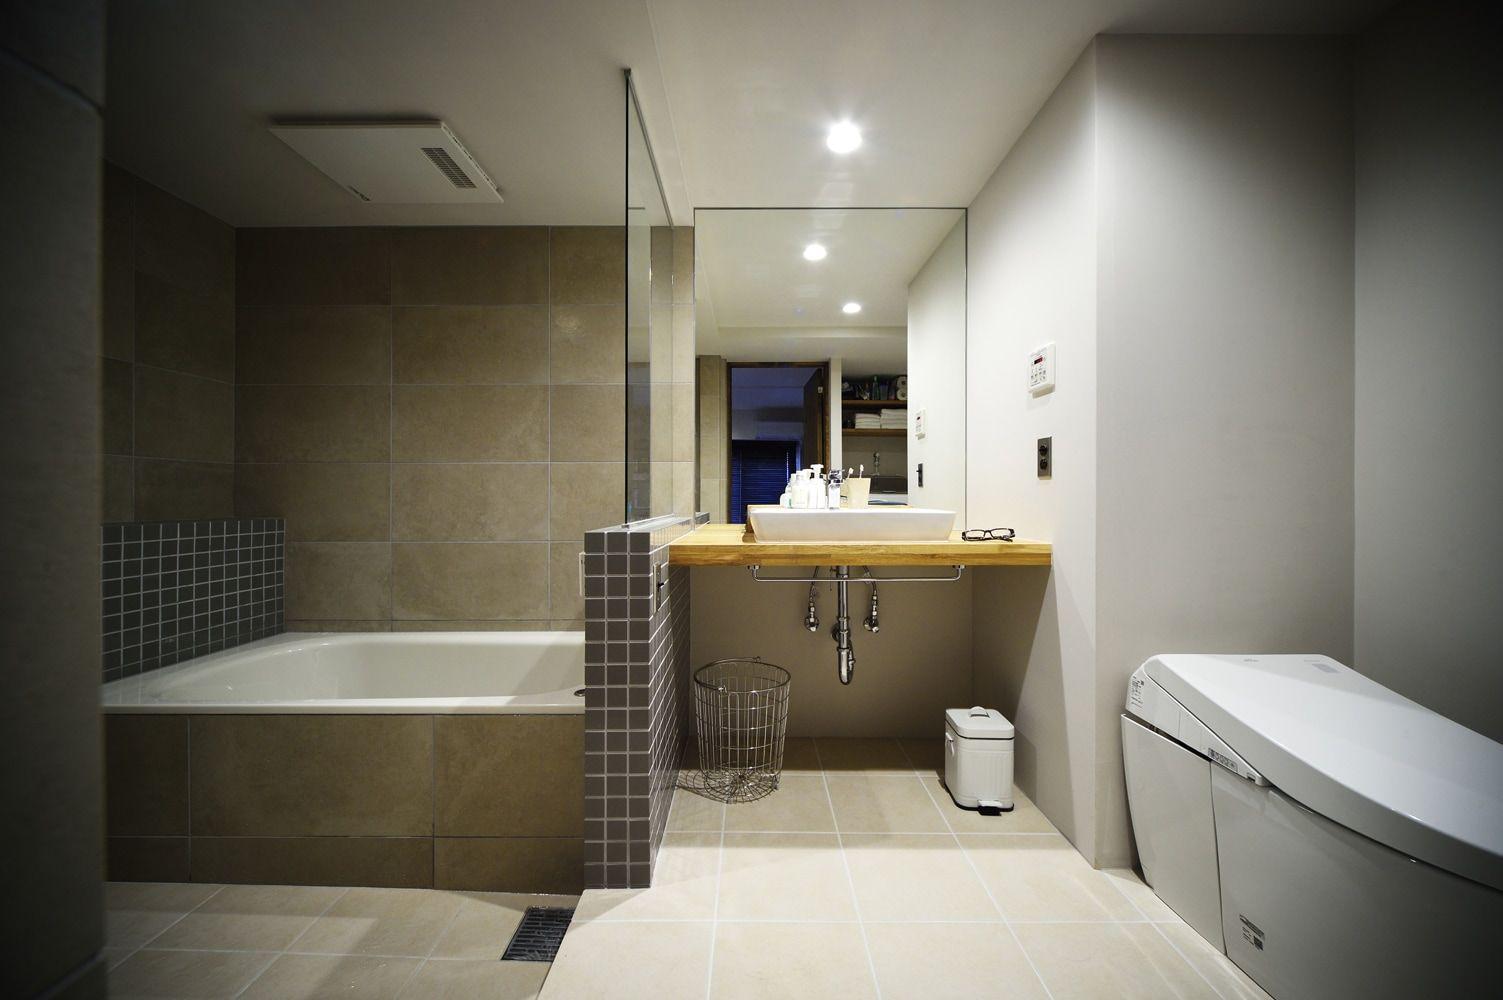 リフォーム リノベーションの事例 風呂 浴室 施工事例no 468